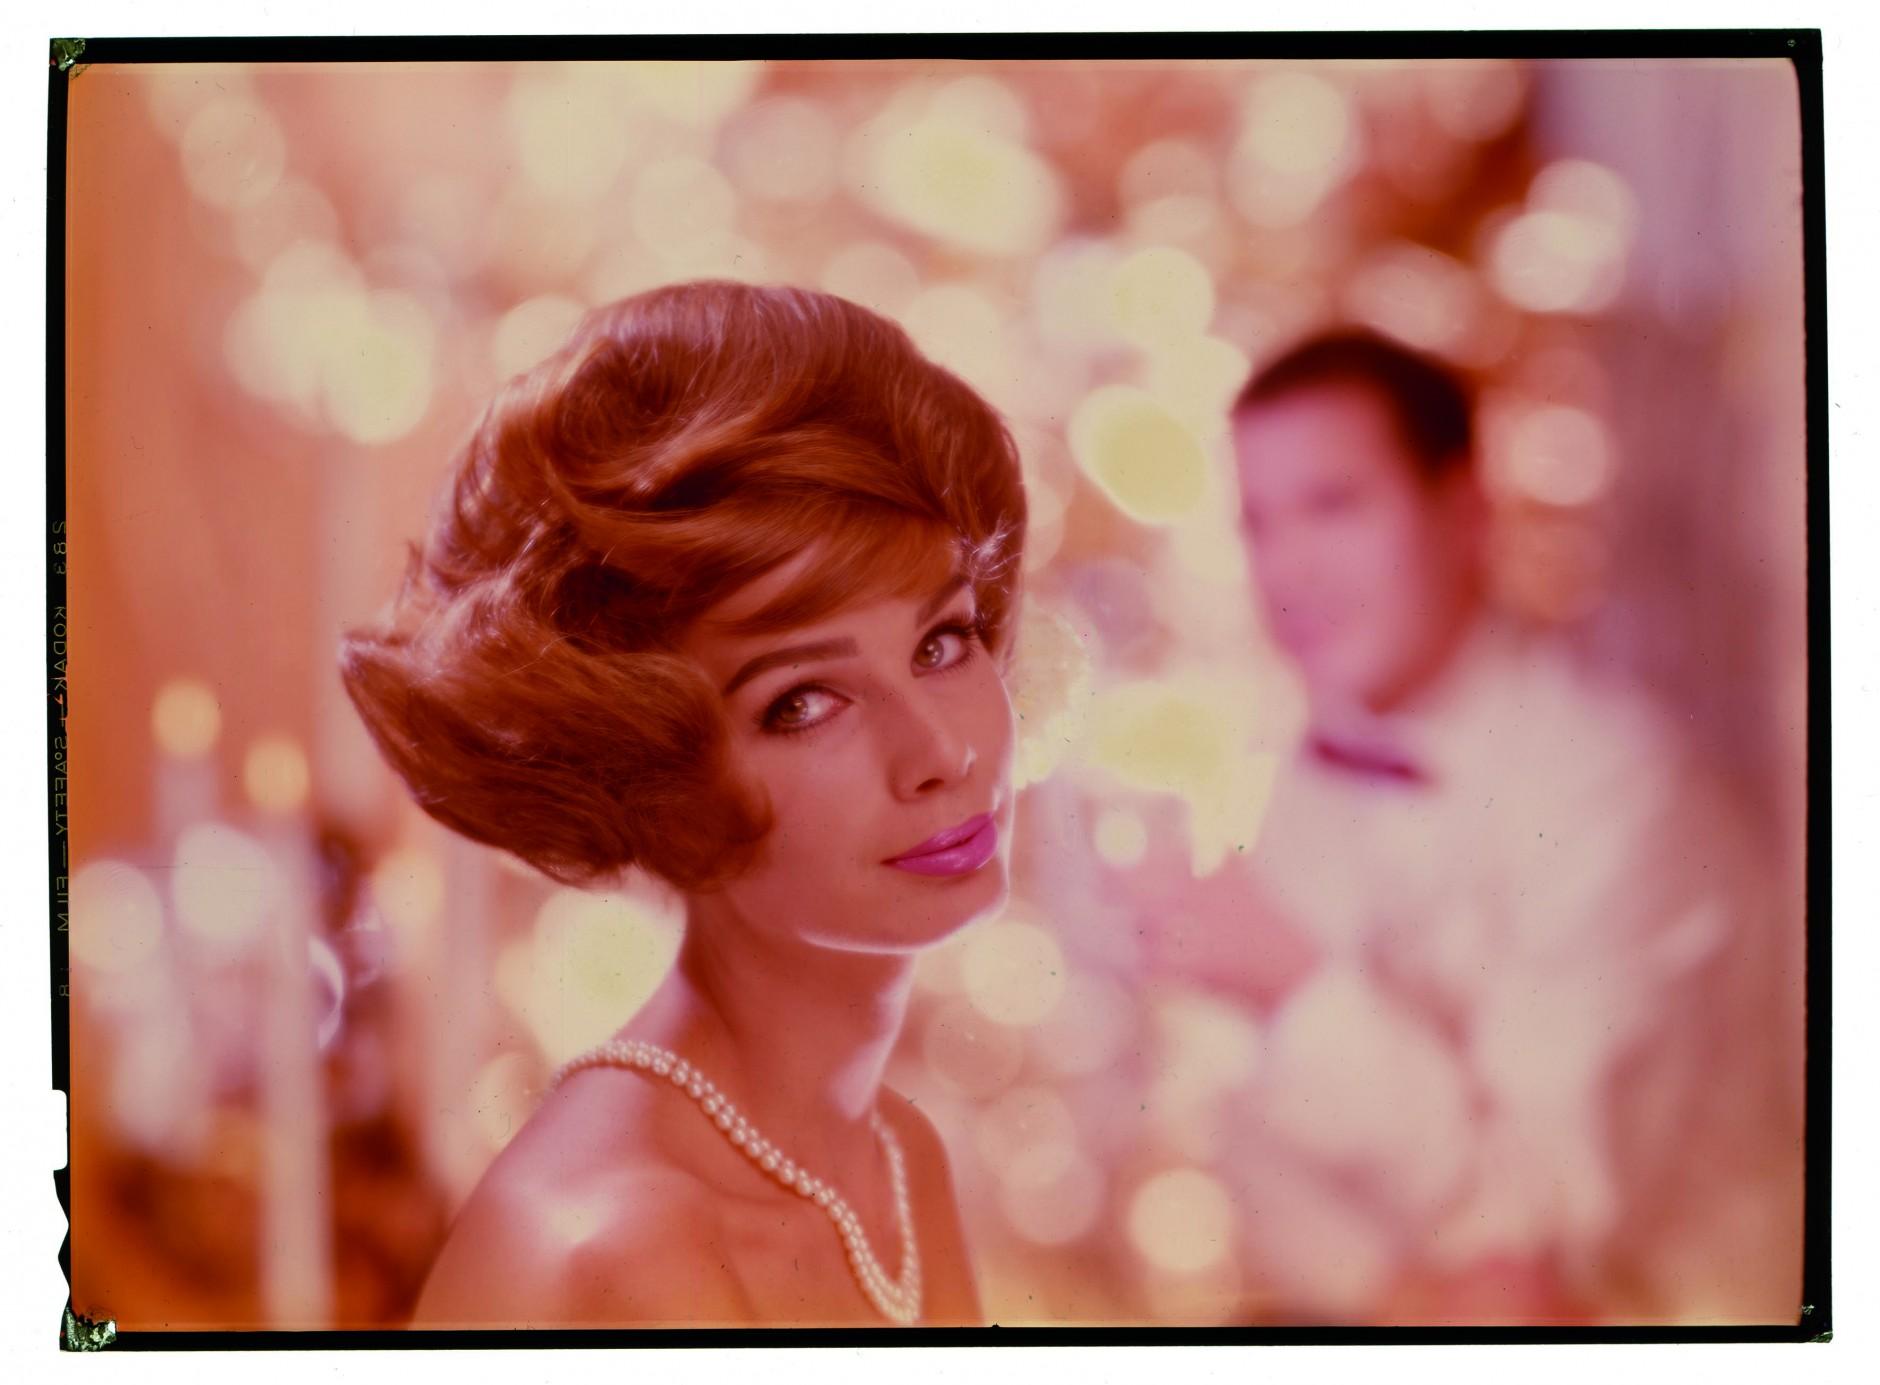 Motiv für die Taft Haarspray Werbung in den 1960er Jahren. © F.C. Gundlach